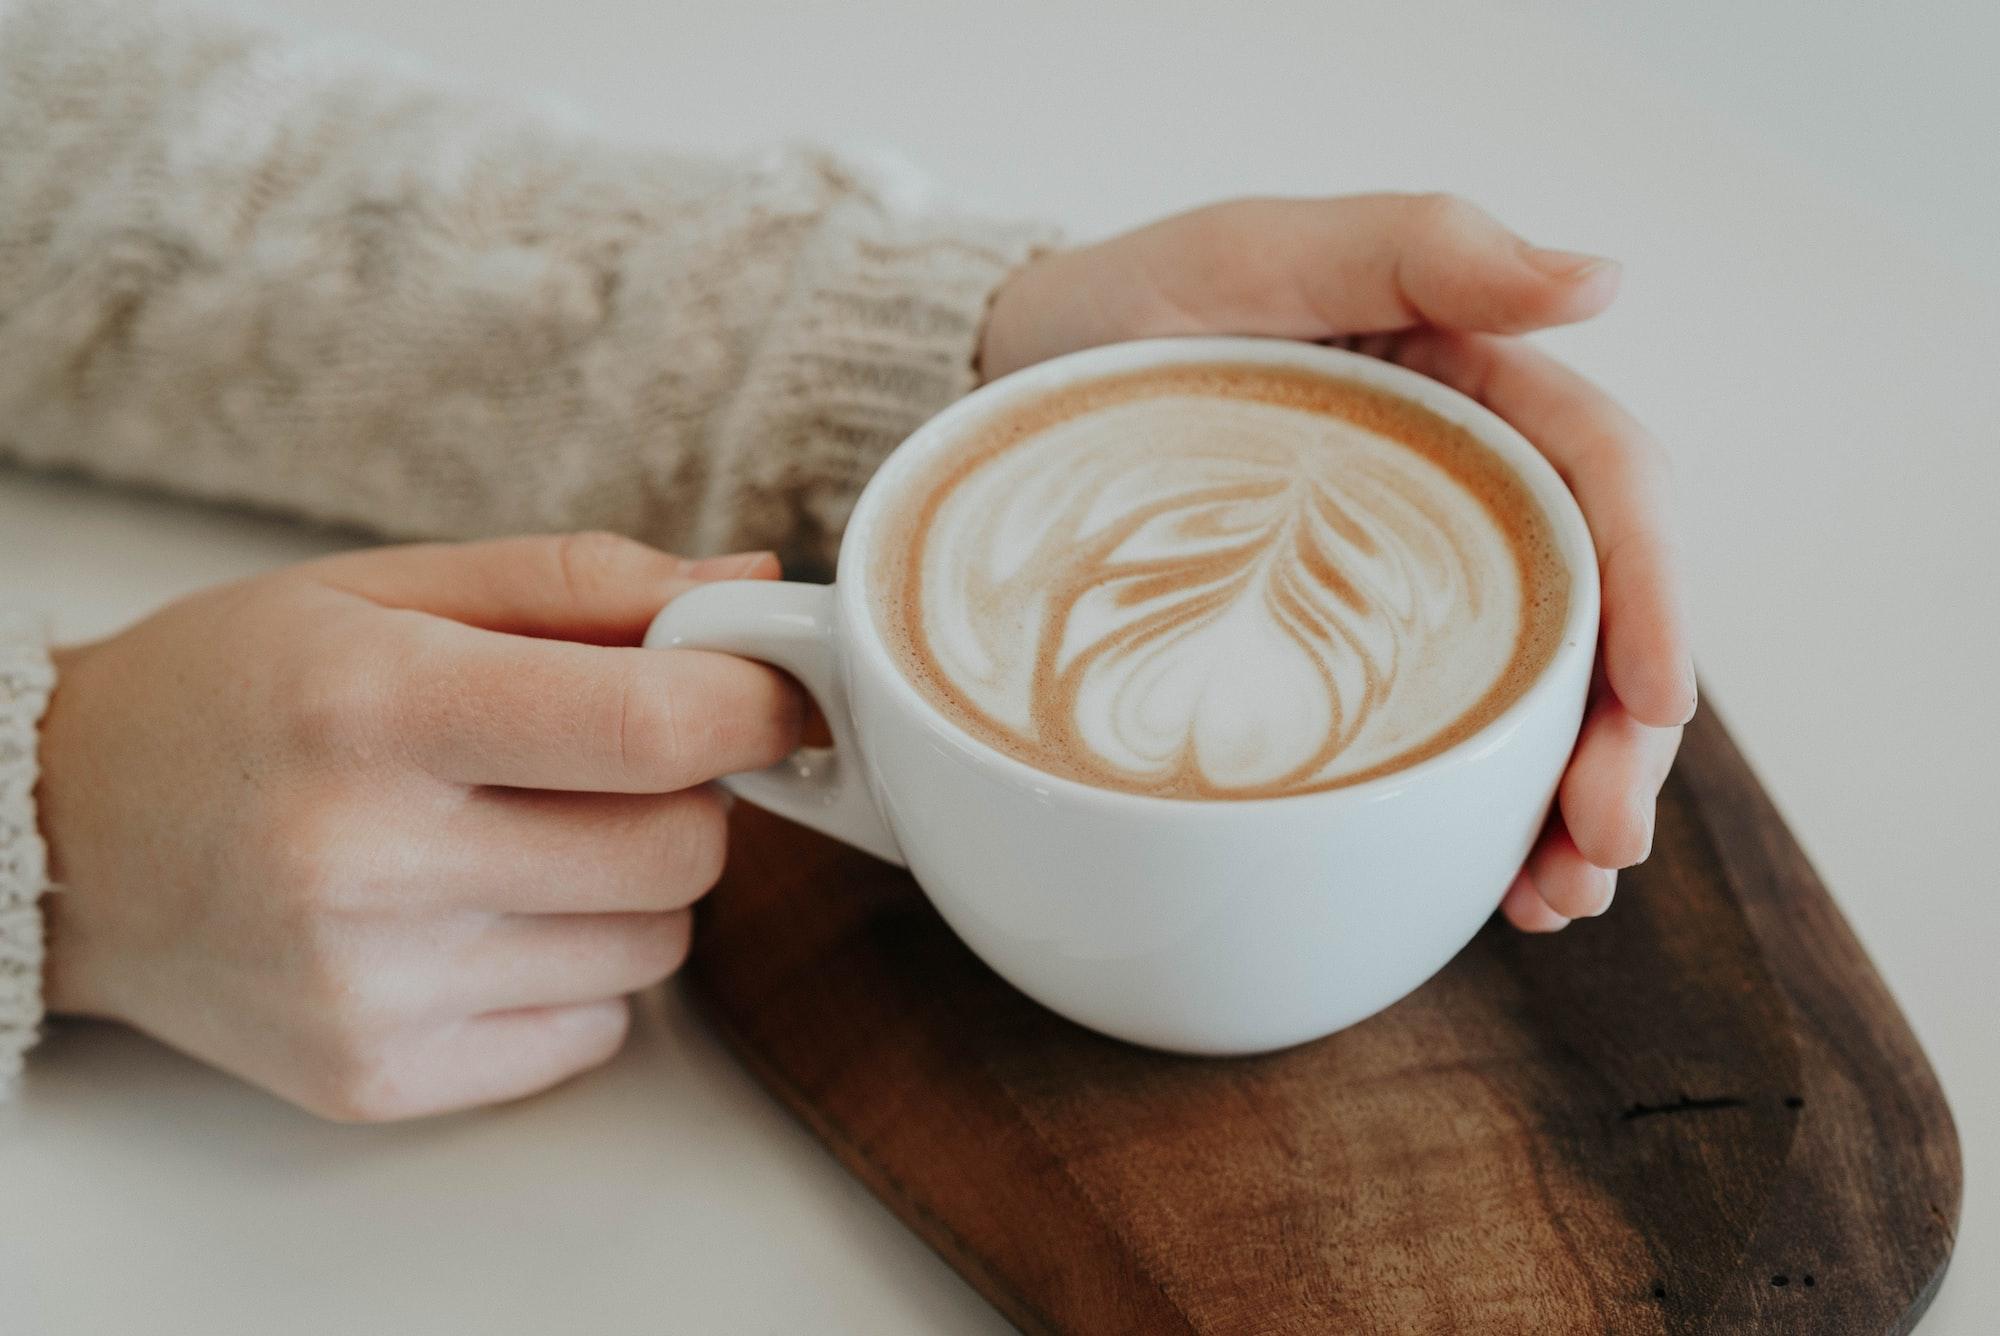 warm sips